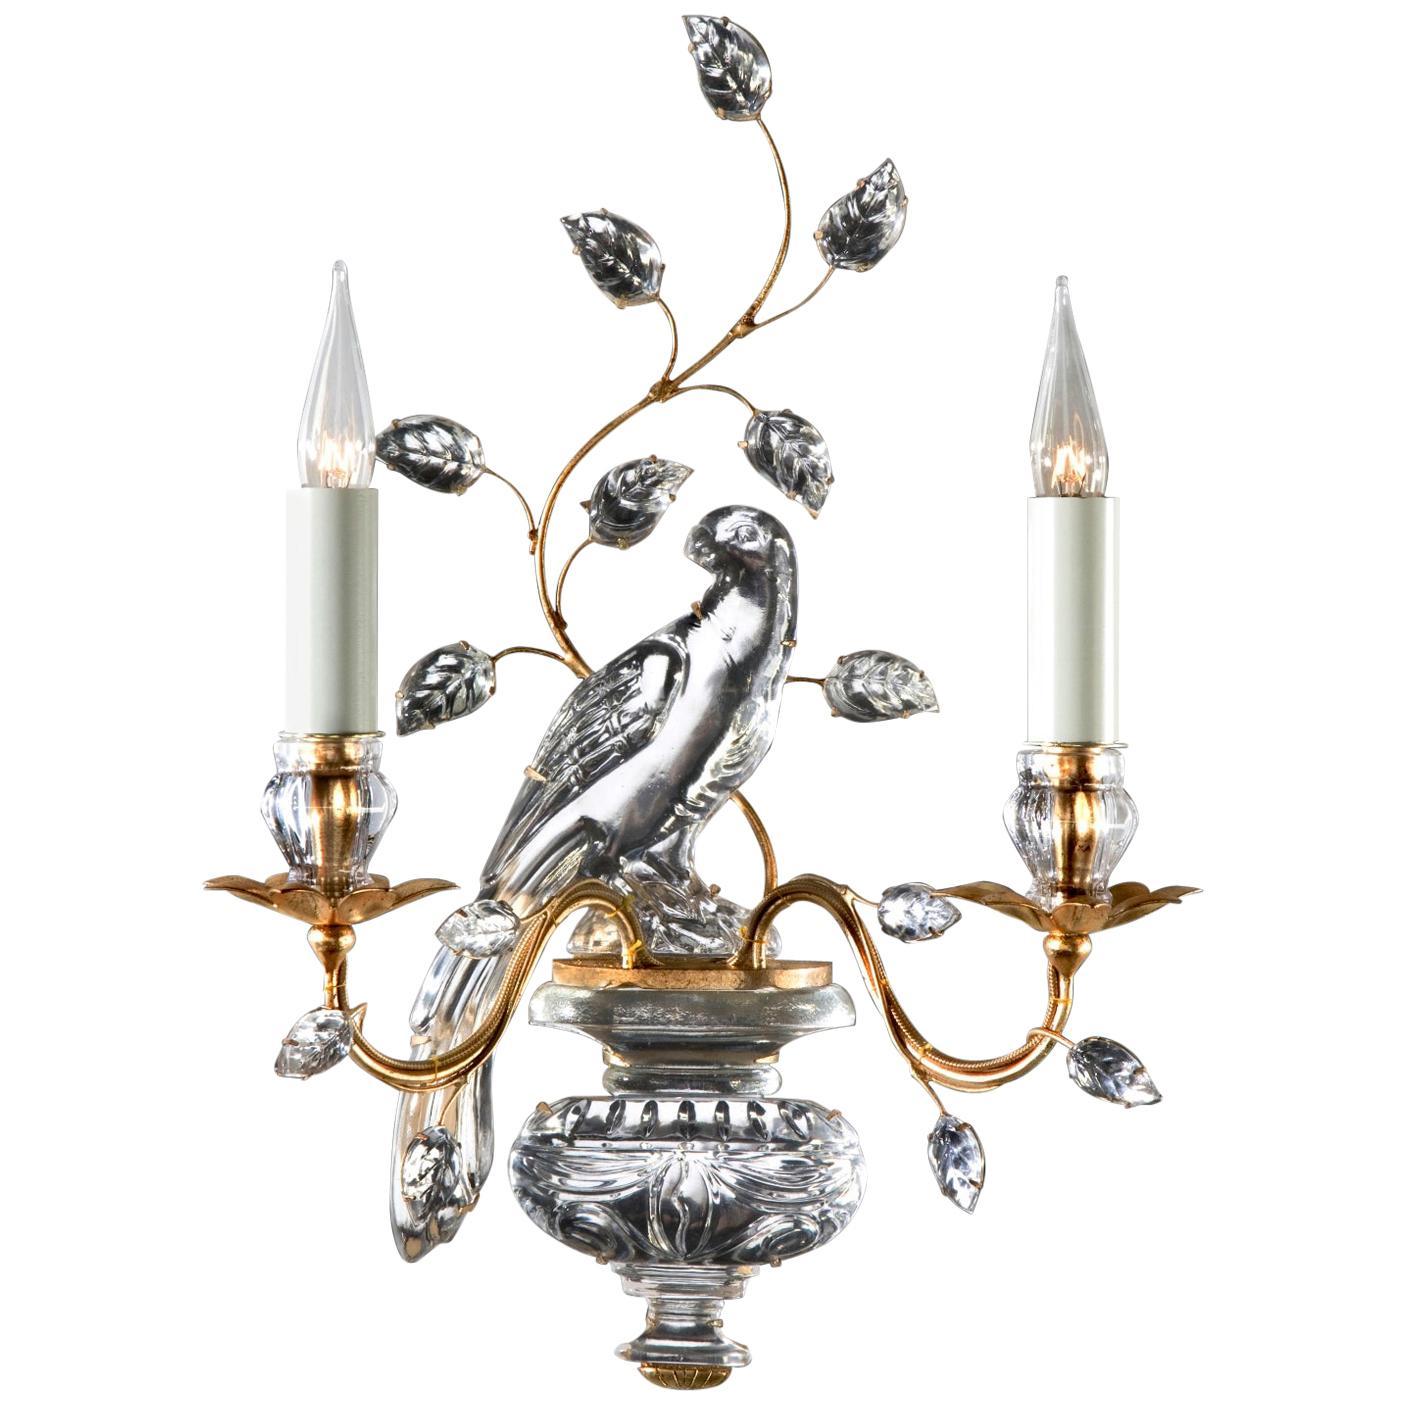 Pair of Maison Baguès Bird Crystal Sconces